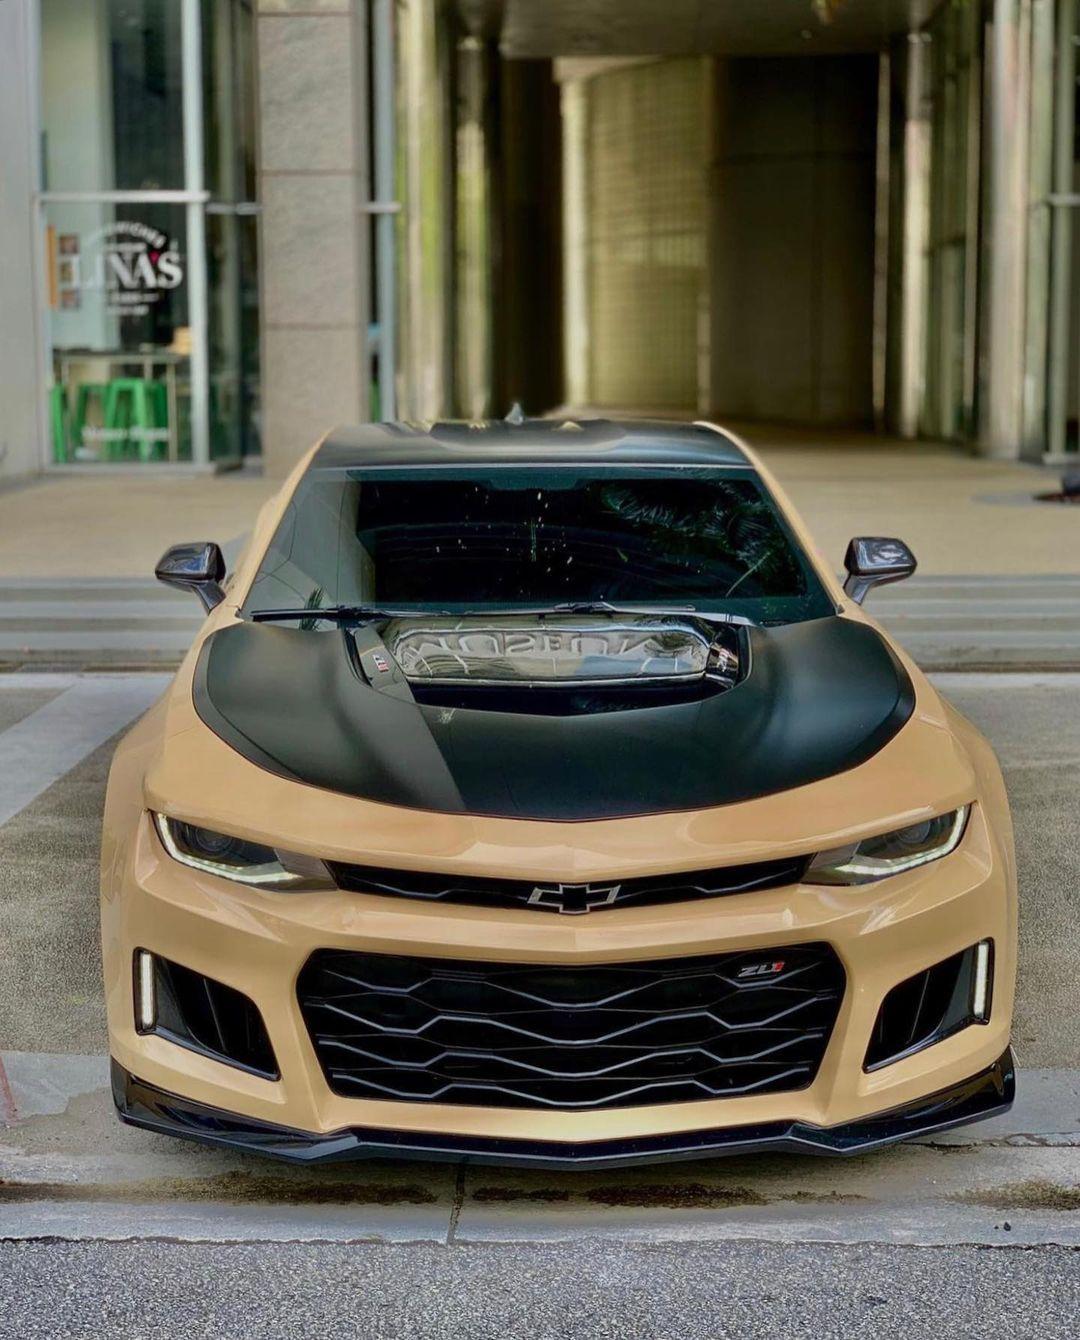 Chevy Camaro On Instagram Abe Zlwon Love The Color On This Zl1 Camaro Camarozl1 Chevy Camaross Z28 In 2021 Chevy Camaro Camaro Camaro Zl1